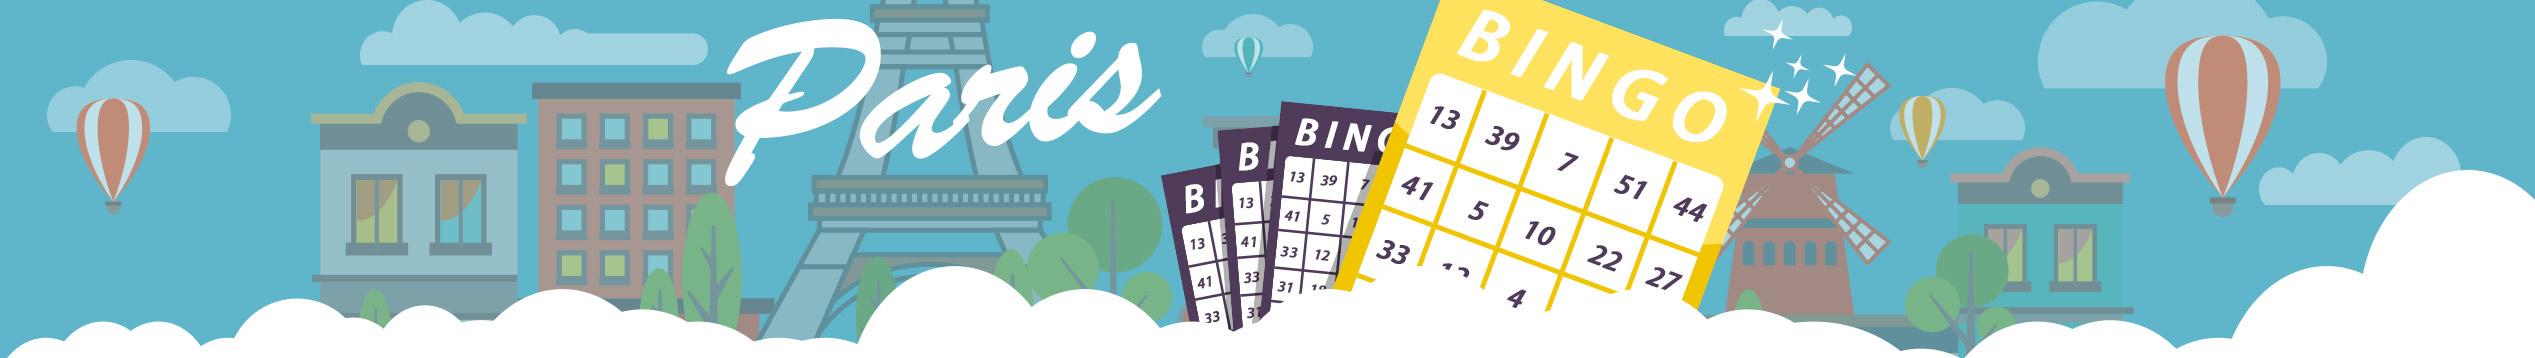 Pariisi: Jättipotti 100€, bingo 11 pallon sisällä